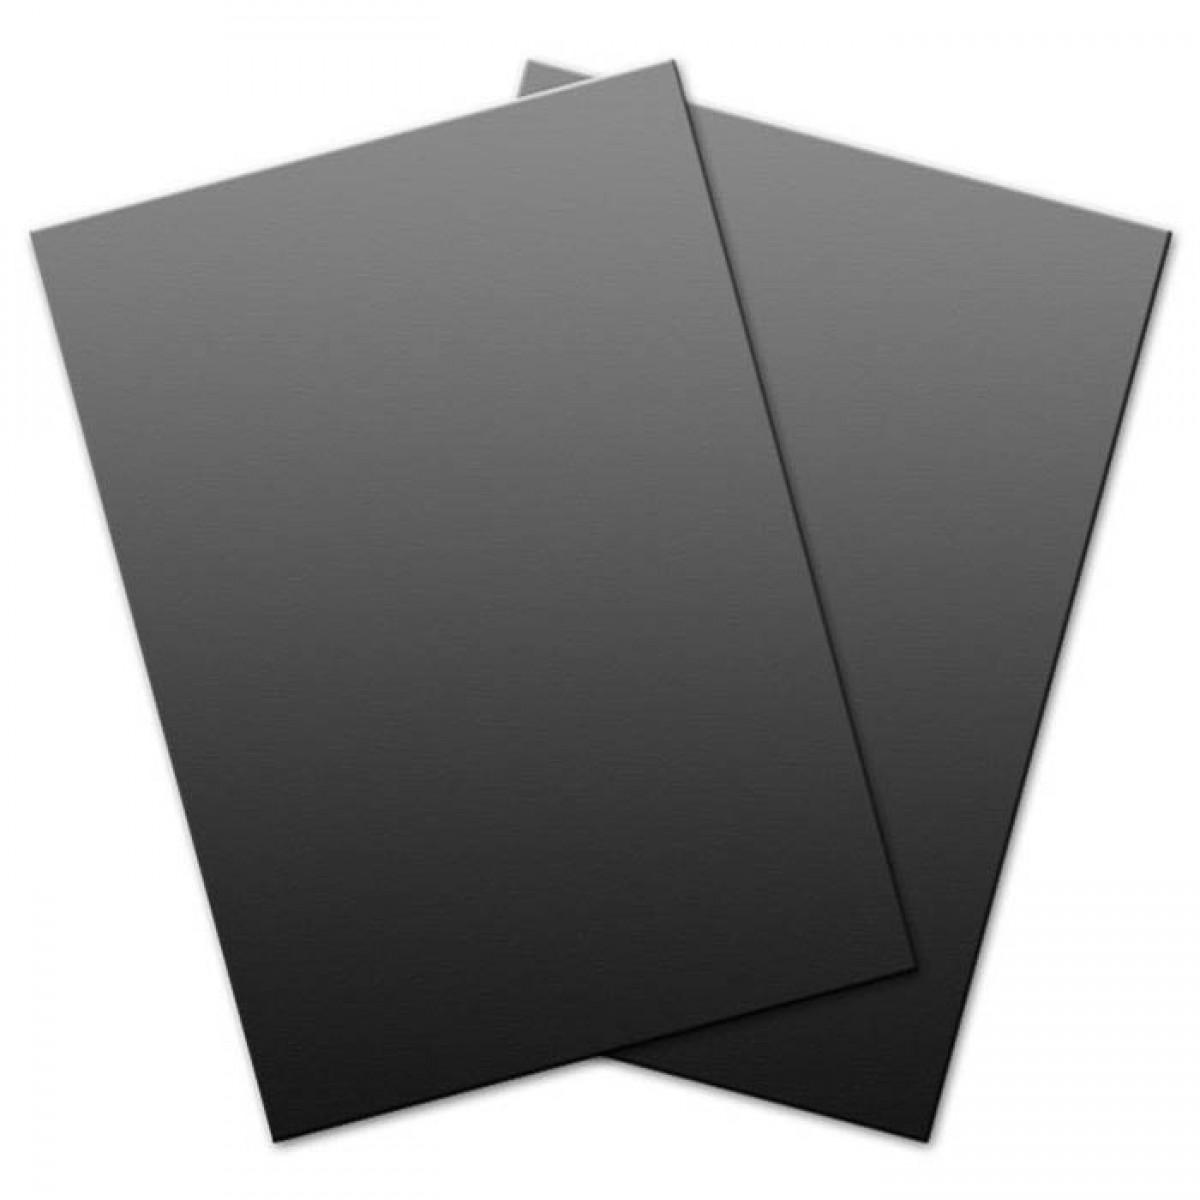 Μαγνήτης Φύλλο Α4 Υλικά Χειροτεχνίας